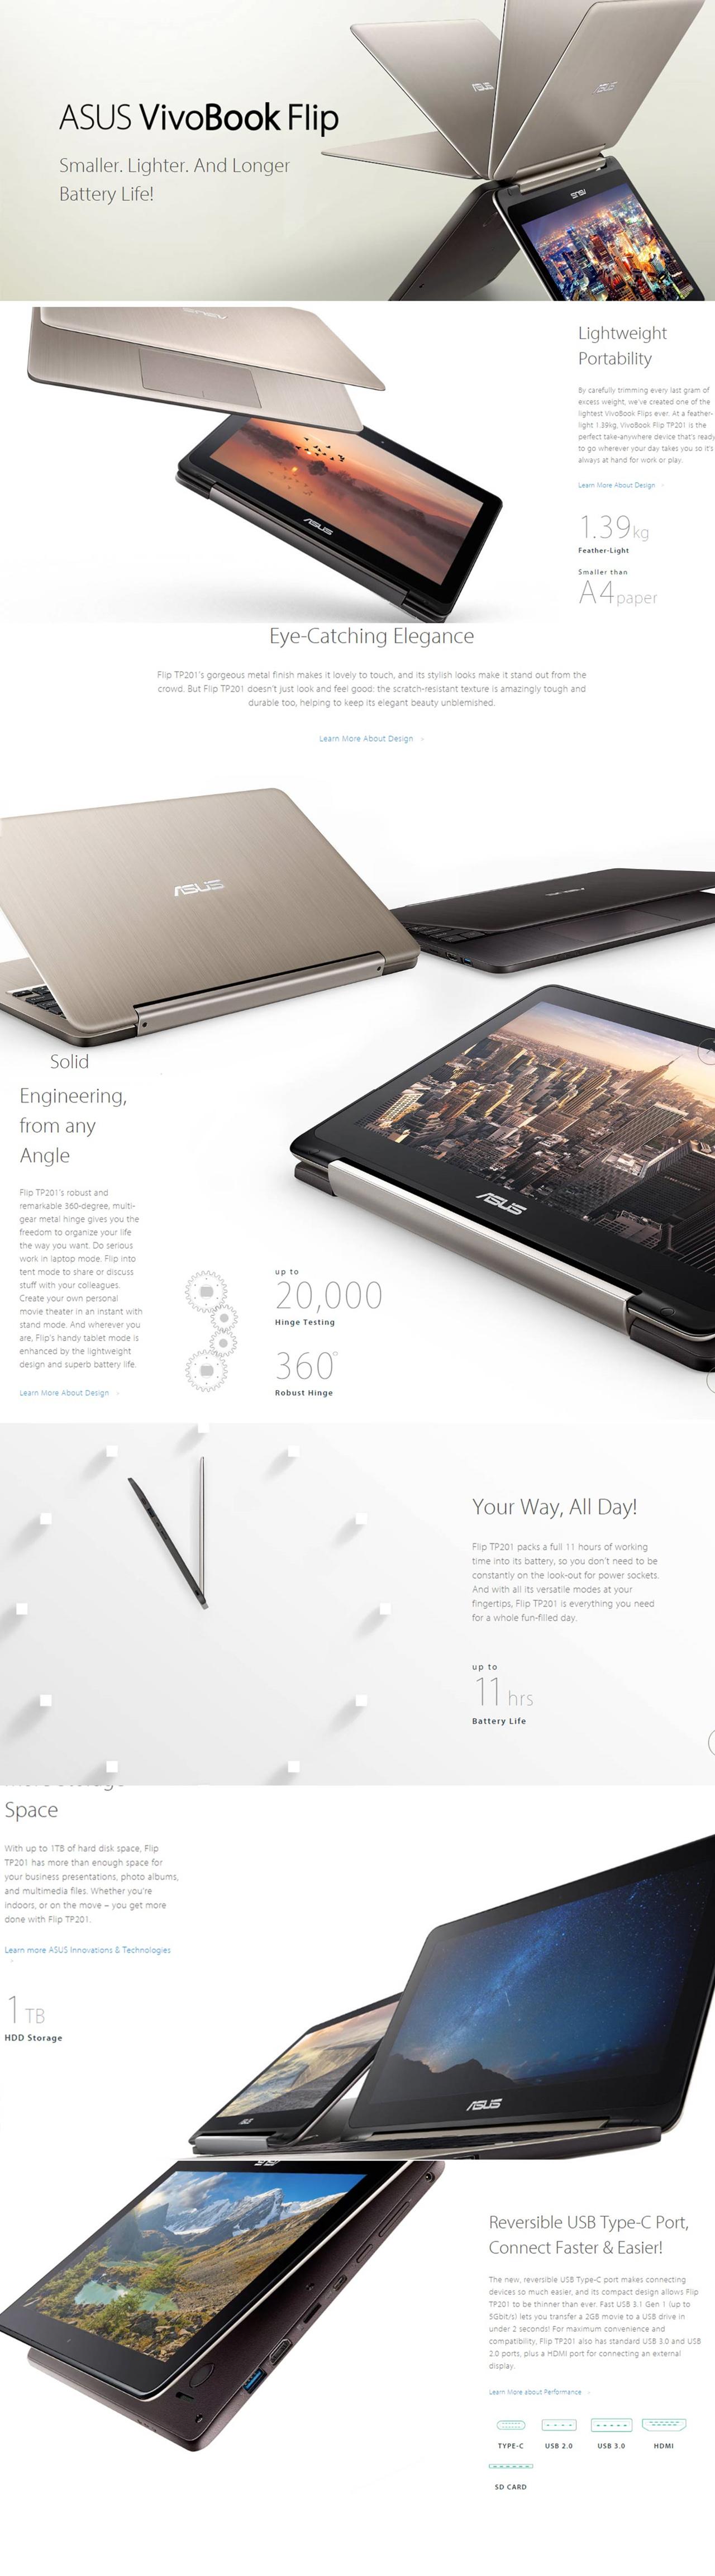 Asus Vivobook Flip 360 Tp201sa No Os Gold Daftar Harga Terbaru Fv0027d Laptop 116 Inch Hd Touch Qc N3710 500gb Dos Image